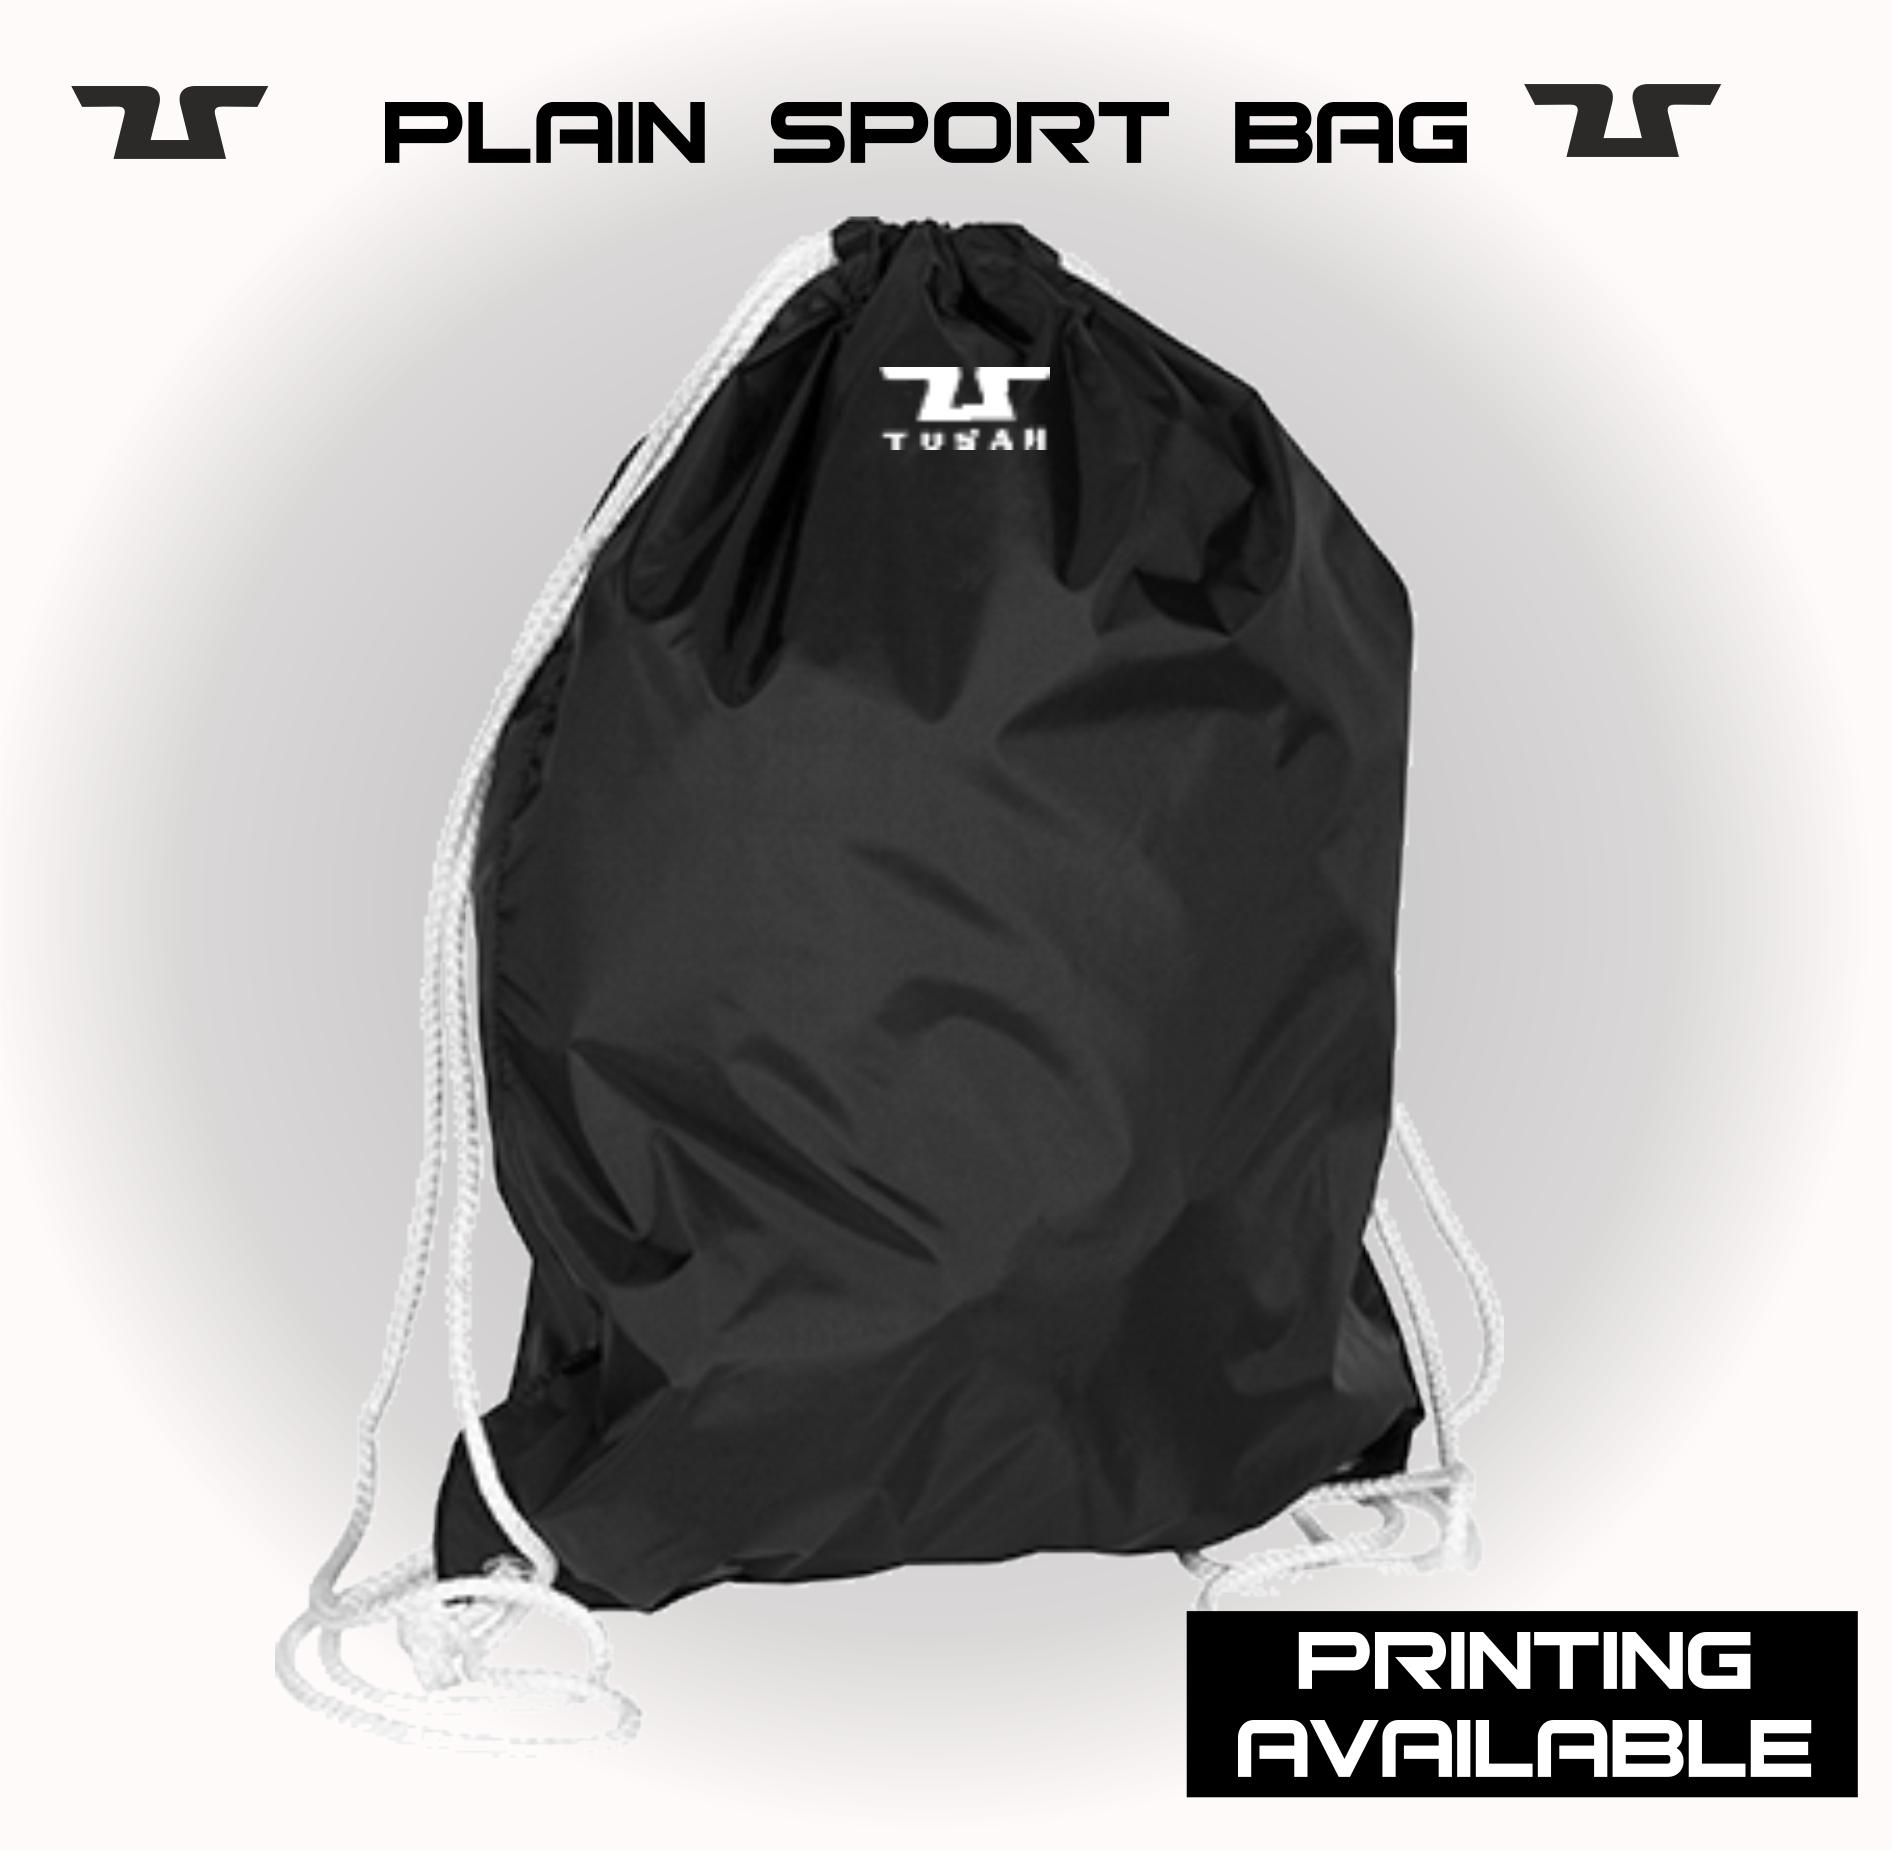 Tusah Plain Sport Bag